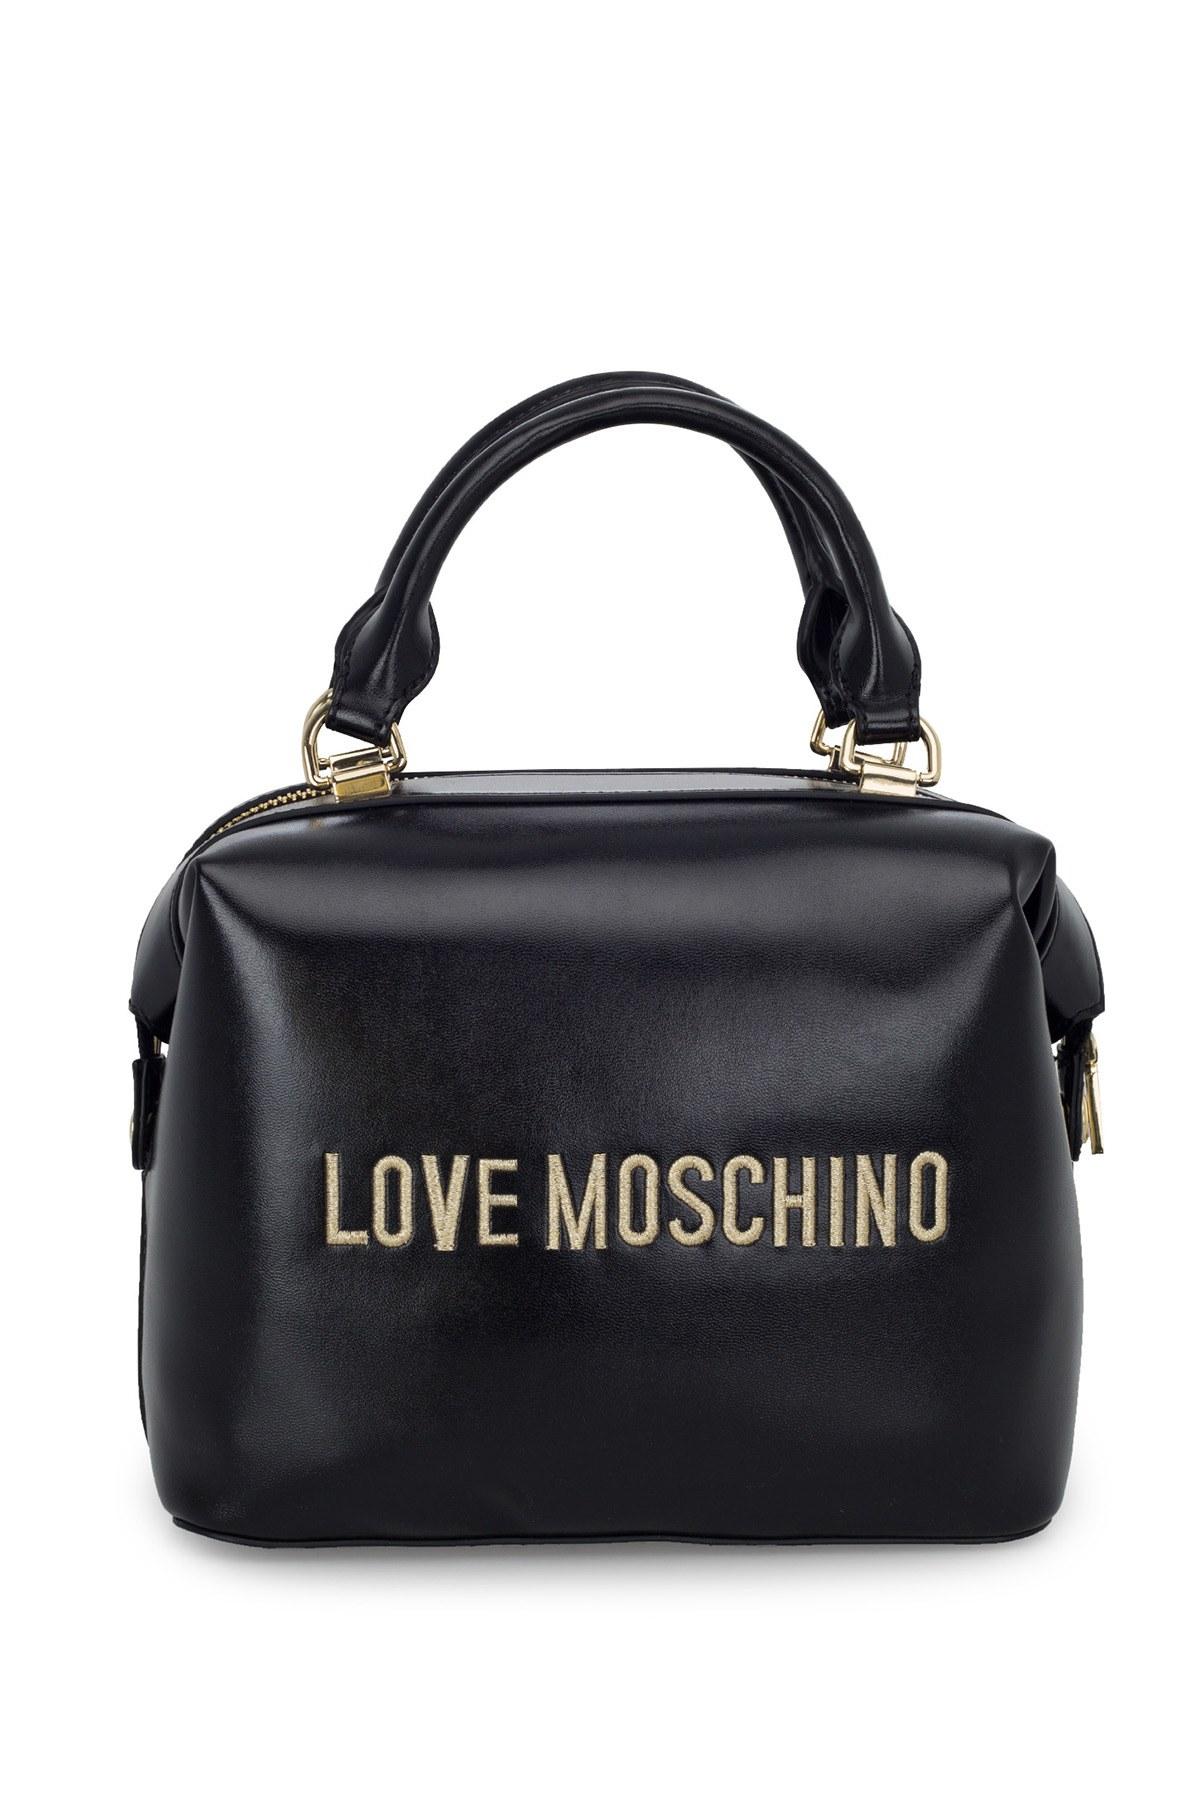 Love Moschino Logo Baskılı Ayarlanabilir Askılı Kadın Çanta JC4008PP1BLA0000 SİYAH